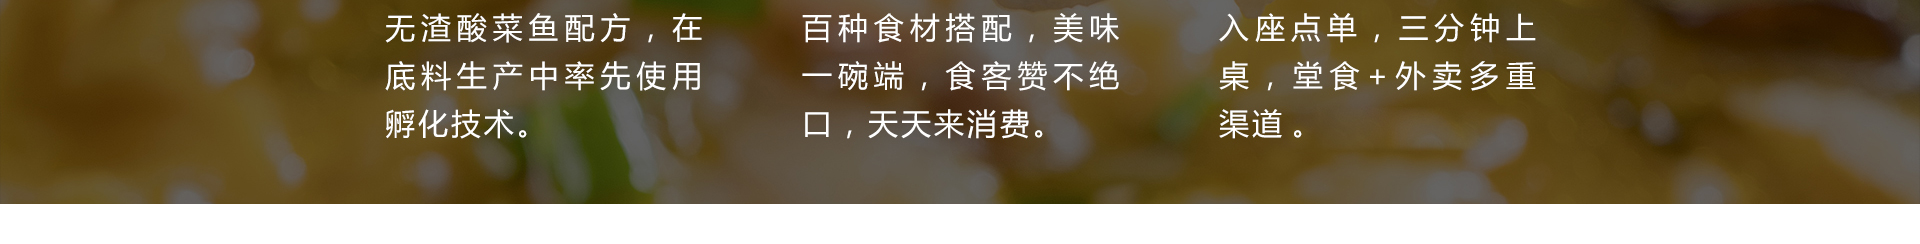 川小喵酸菜鱼cxm_13